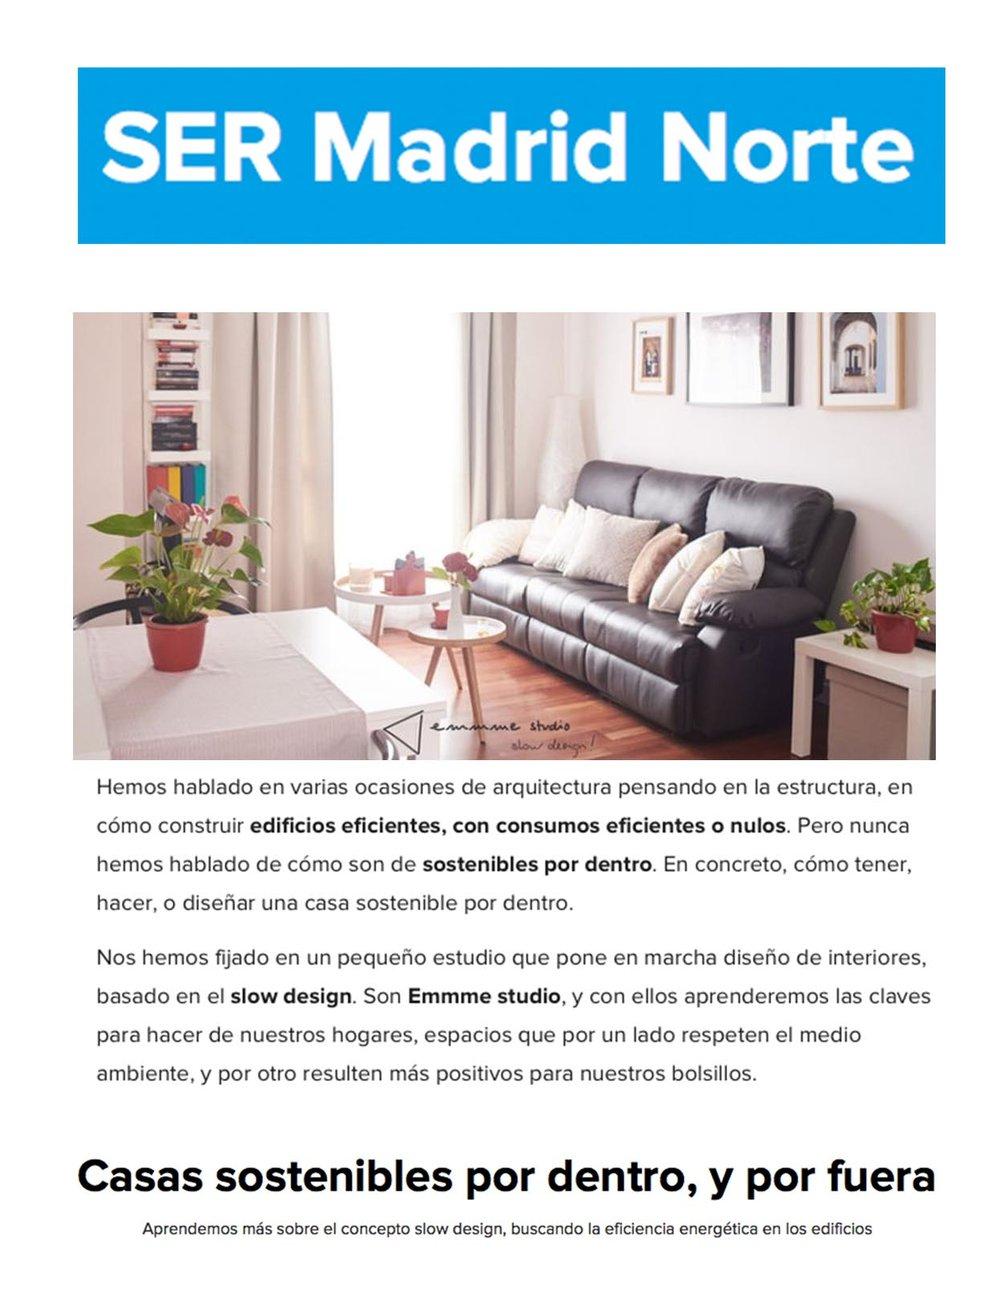 emmme studio ser madrid norte reformas diseño slow prensa entrevista radio.jpg